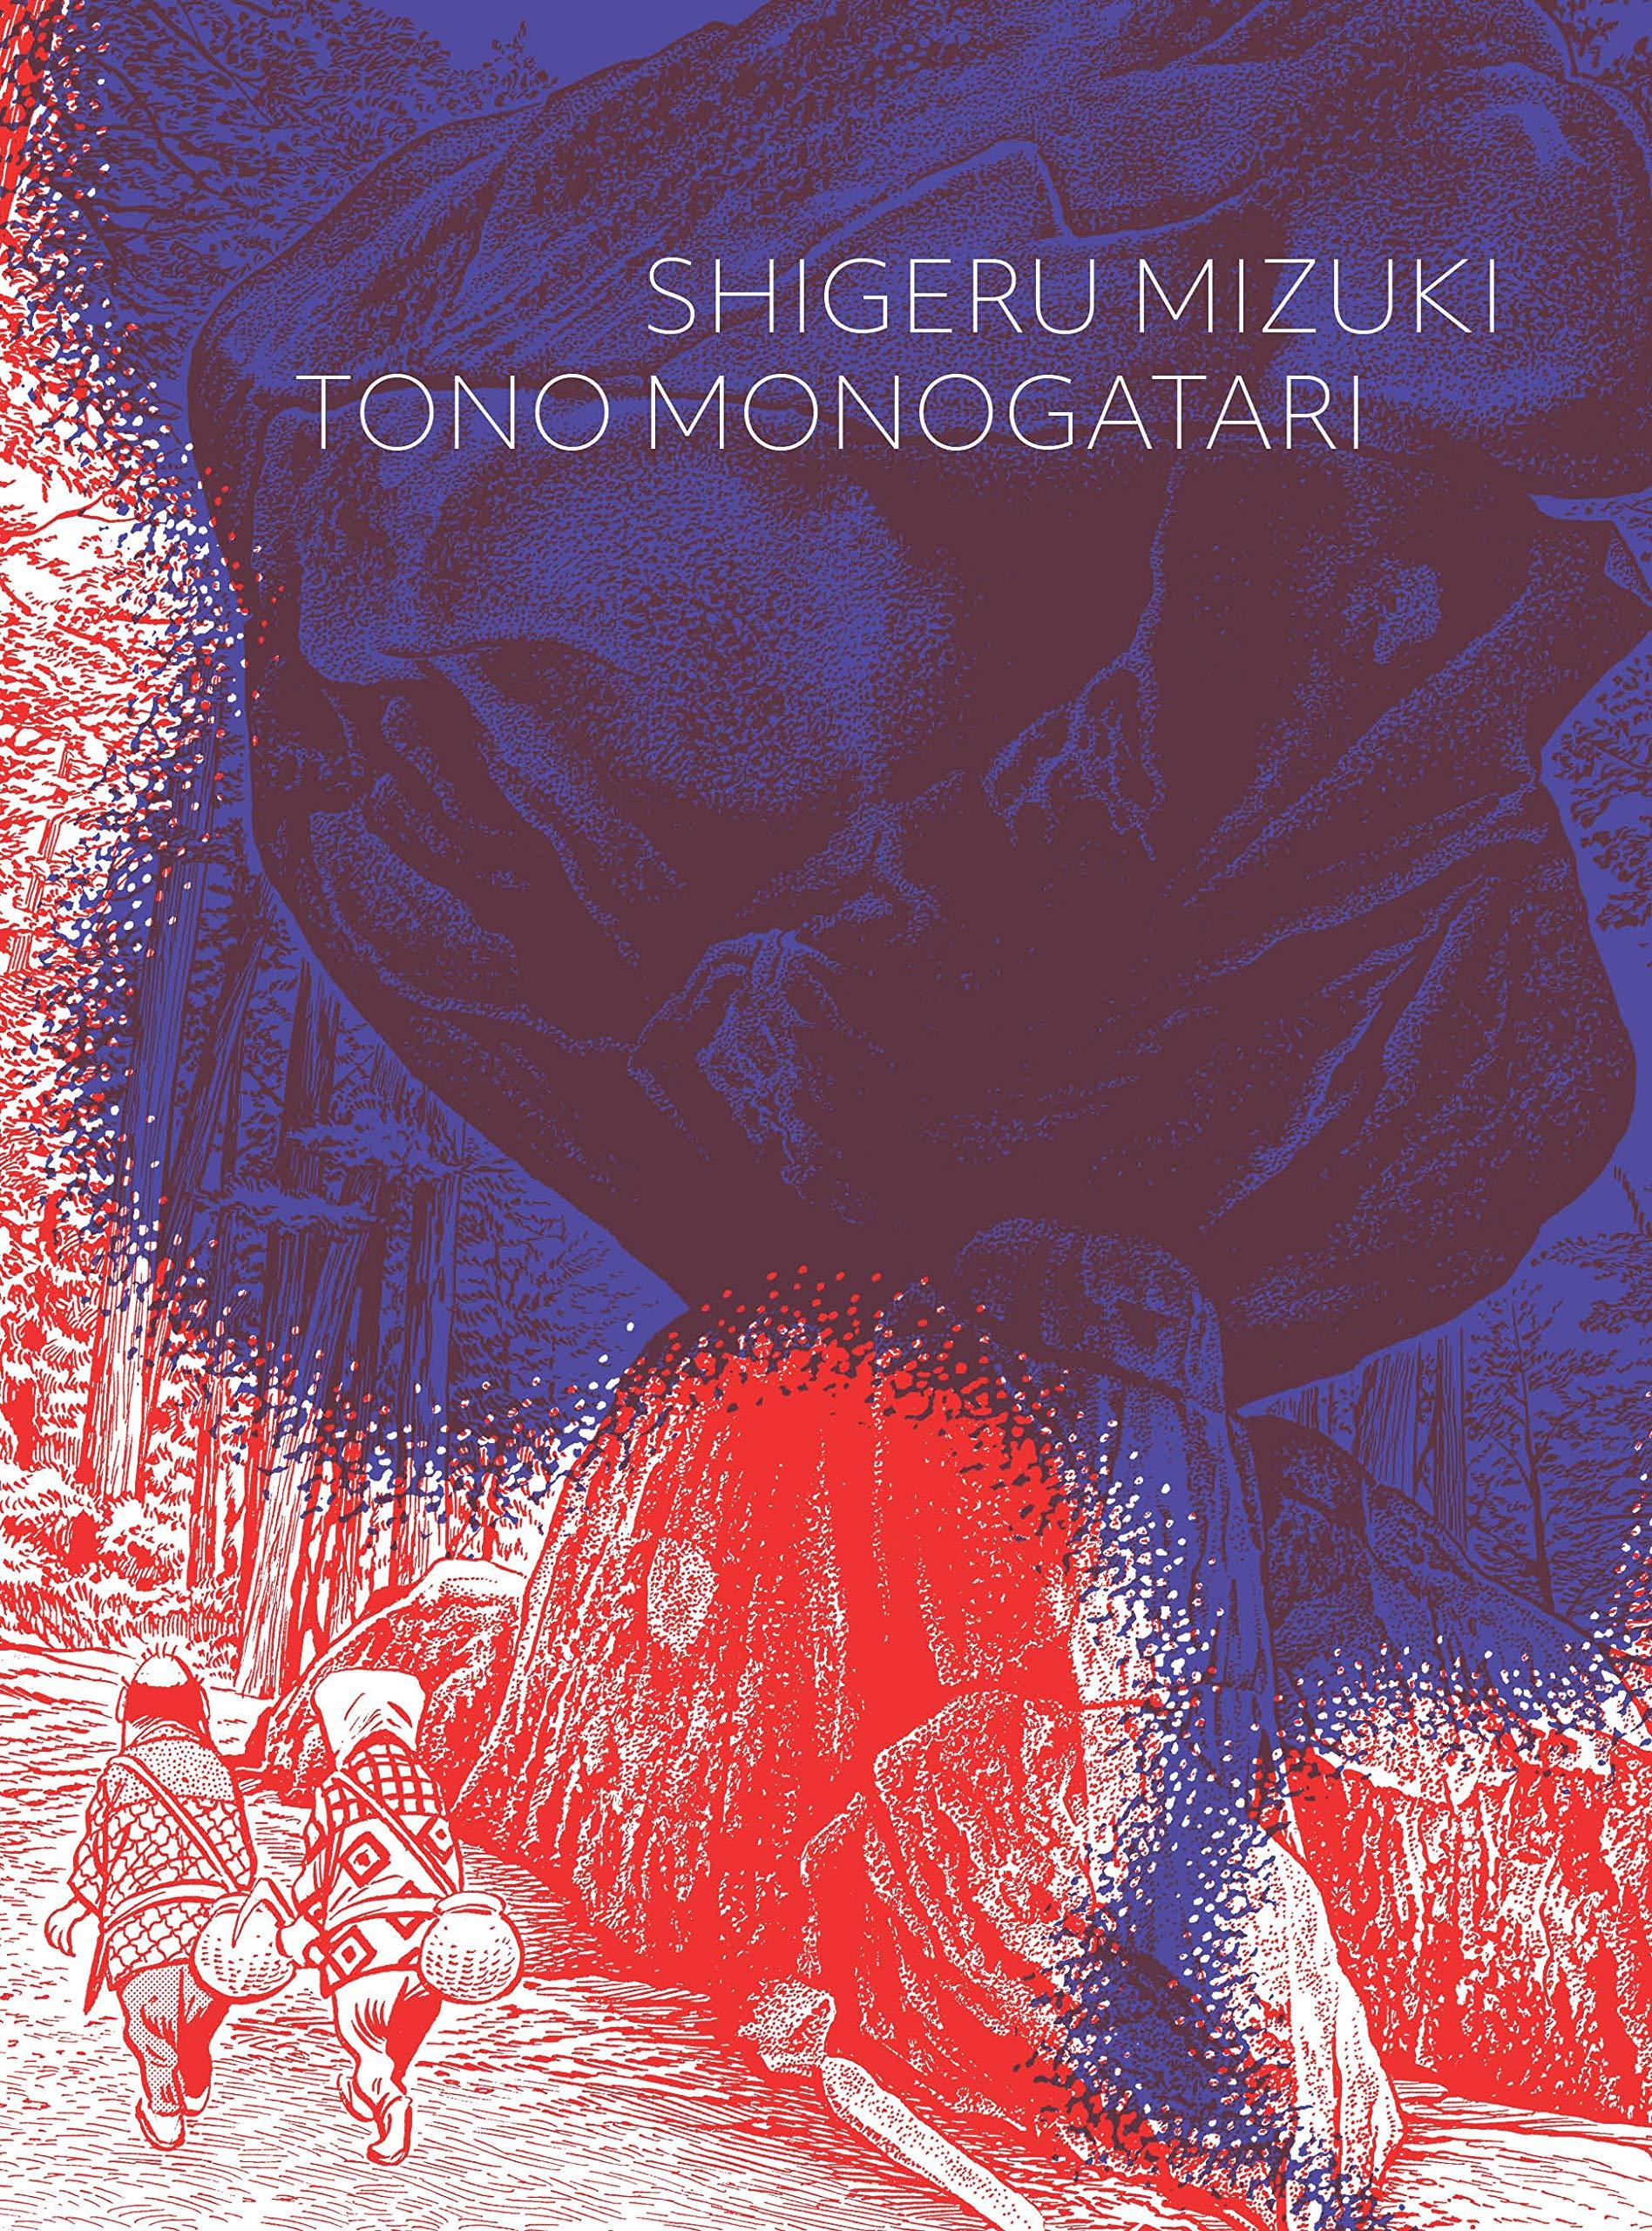 Tono Monogatari Cover